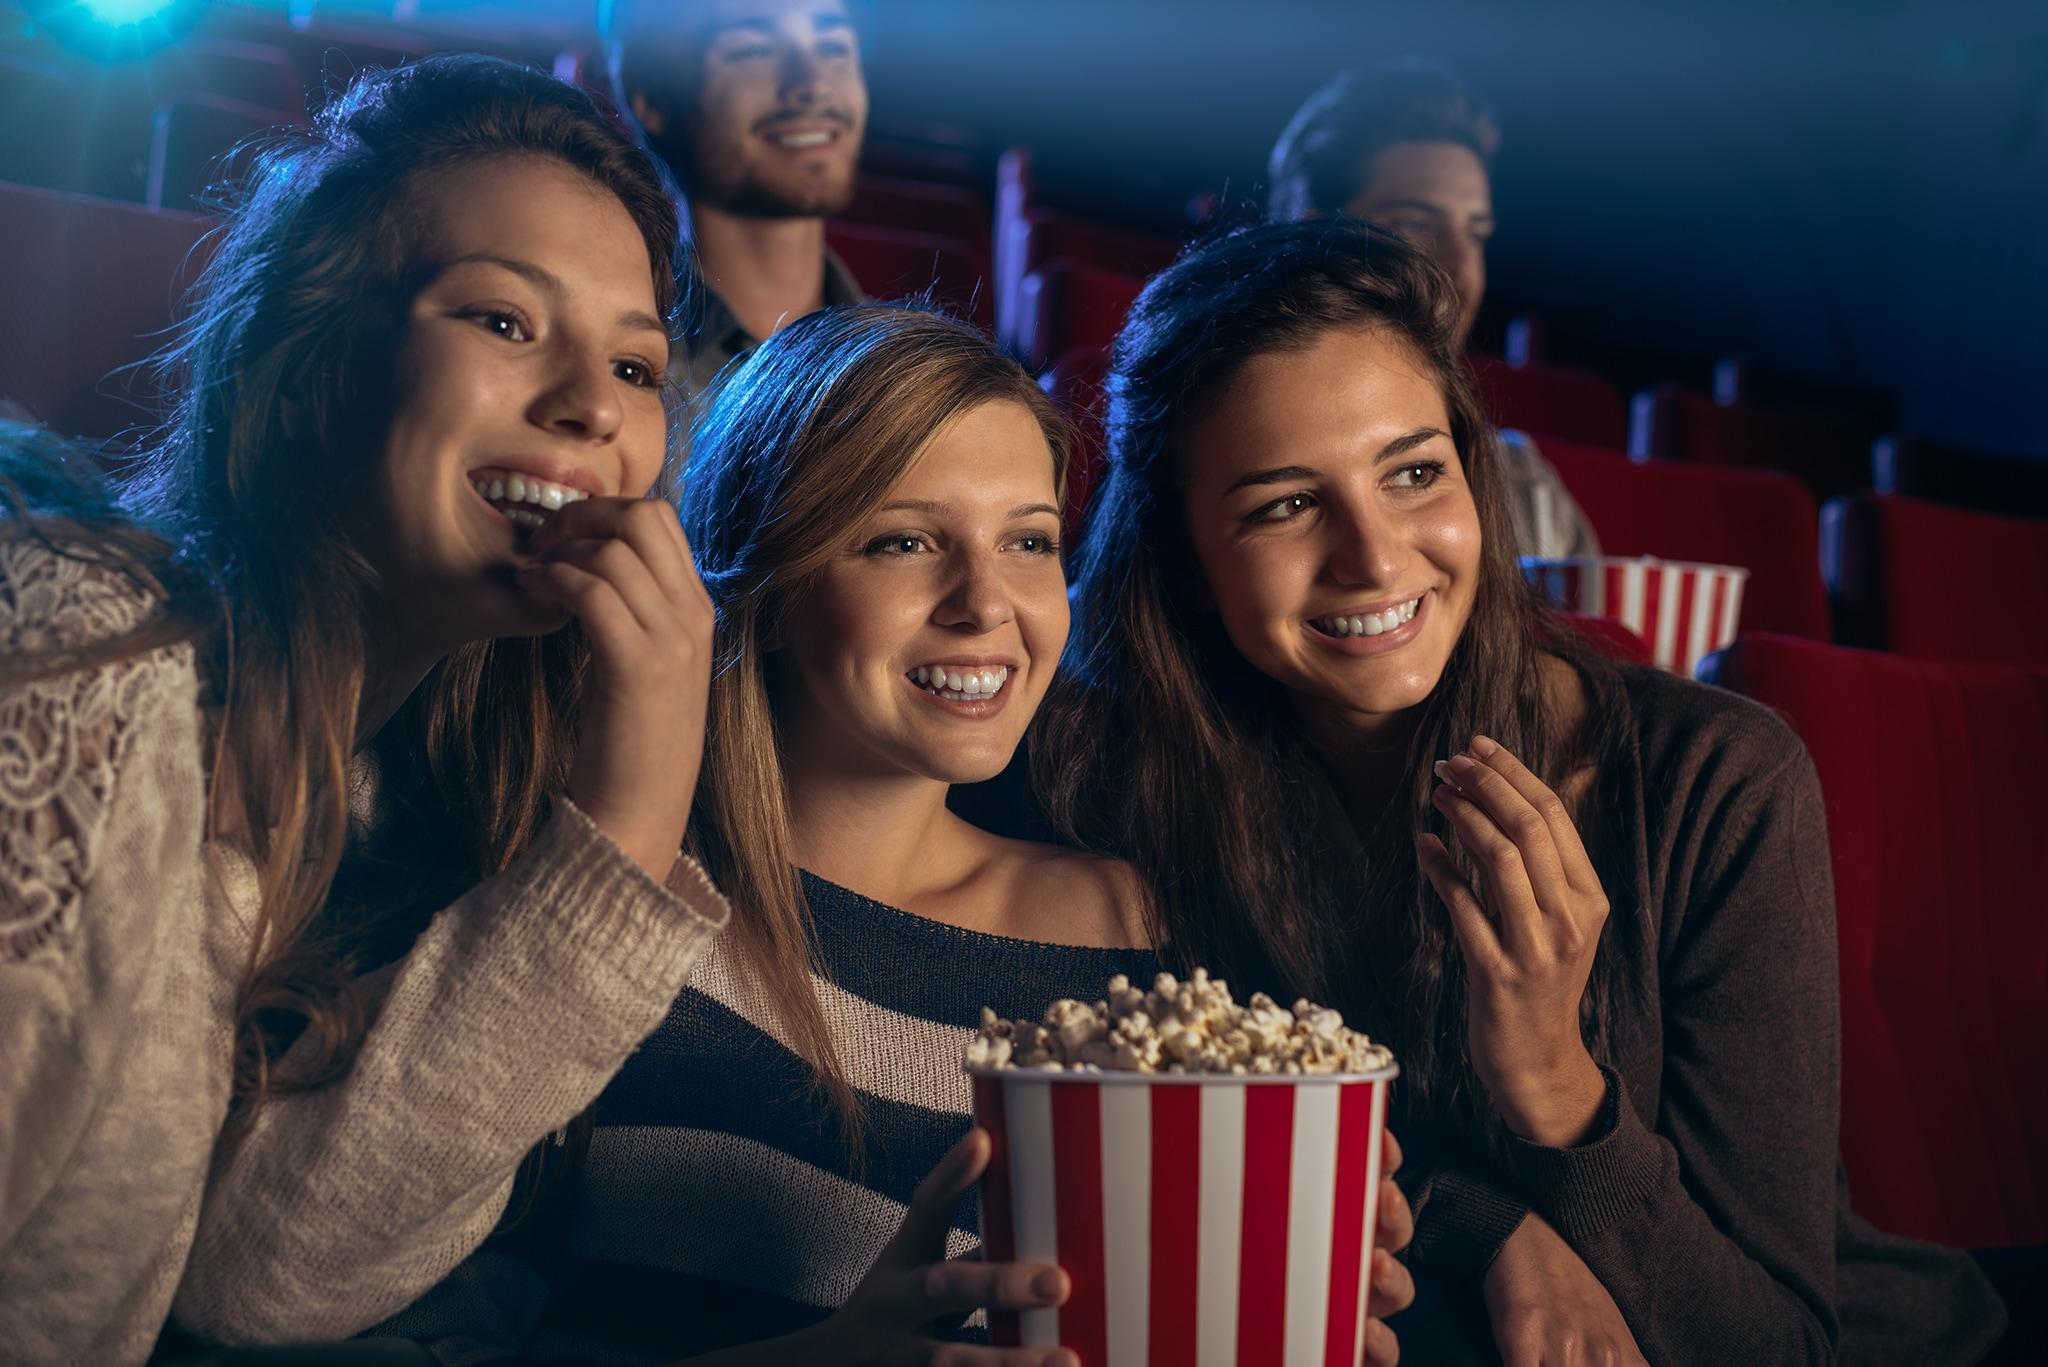 jugendkulturjahr-2020-ratingen-jugendfilmclub